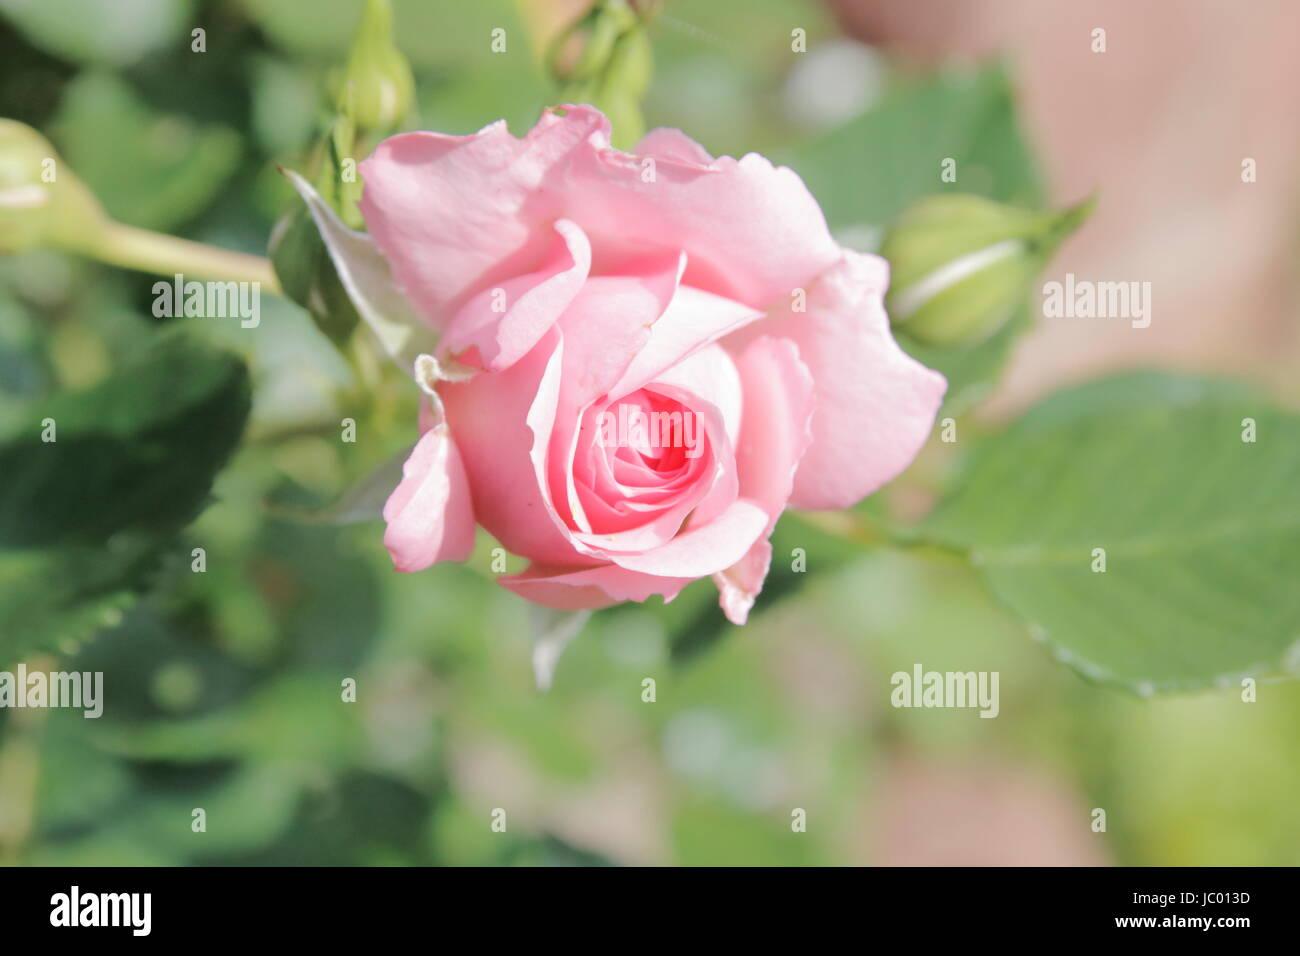 Rosa Rosa Rose eine Hecke Stockbild